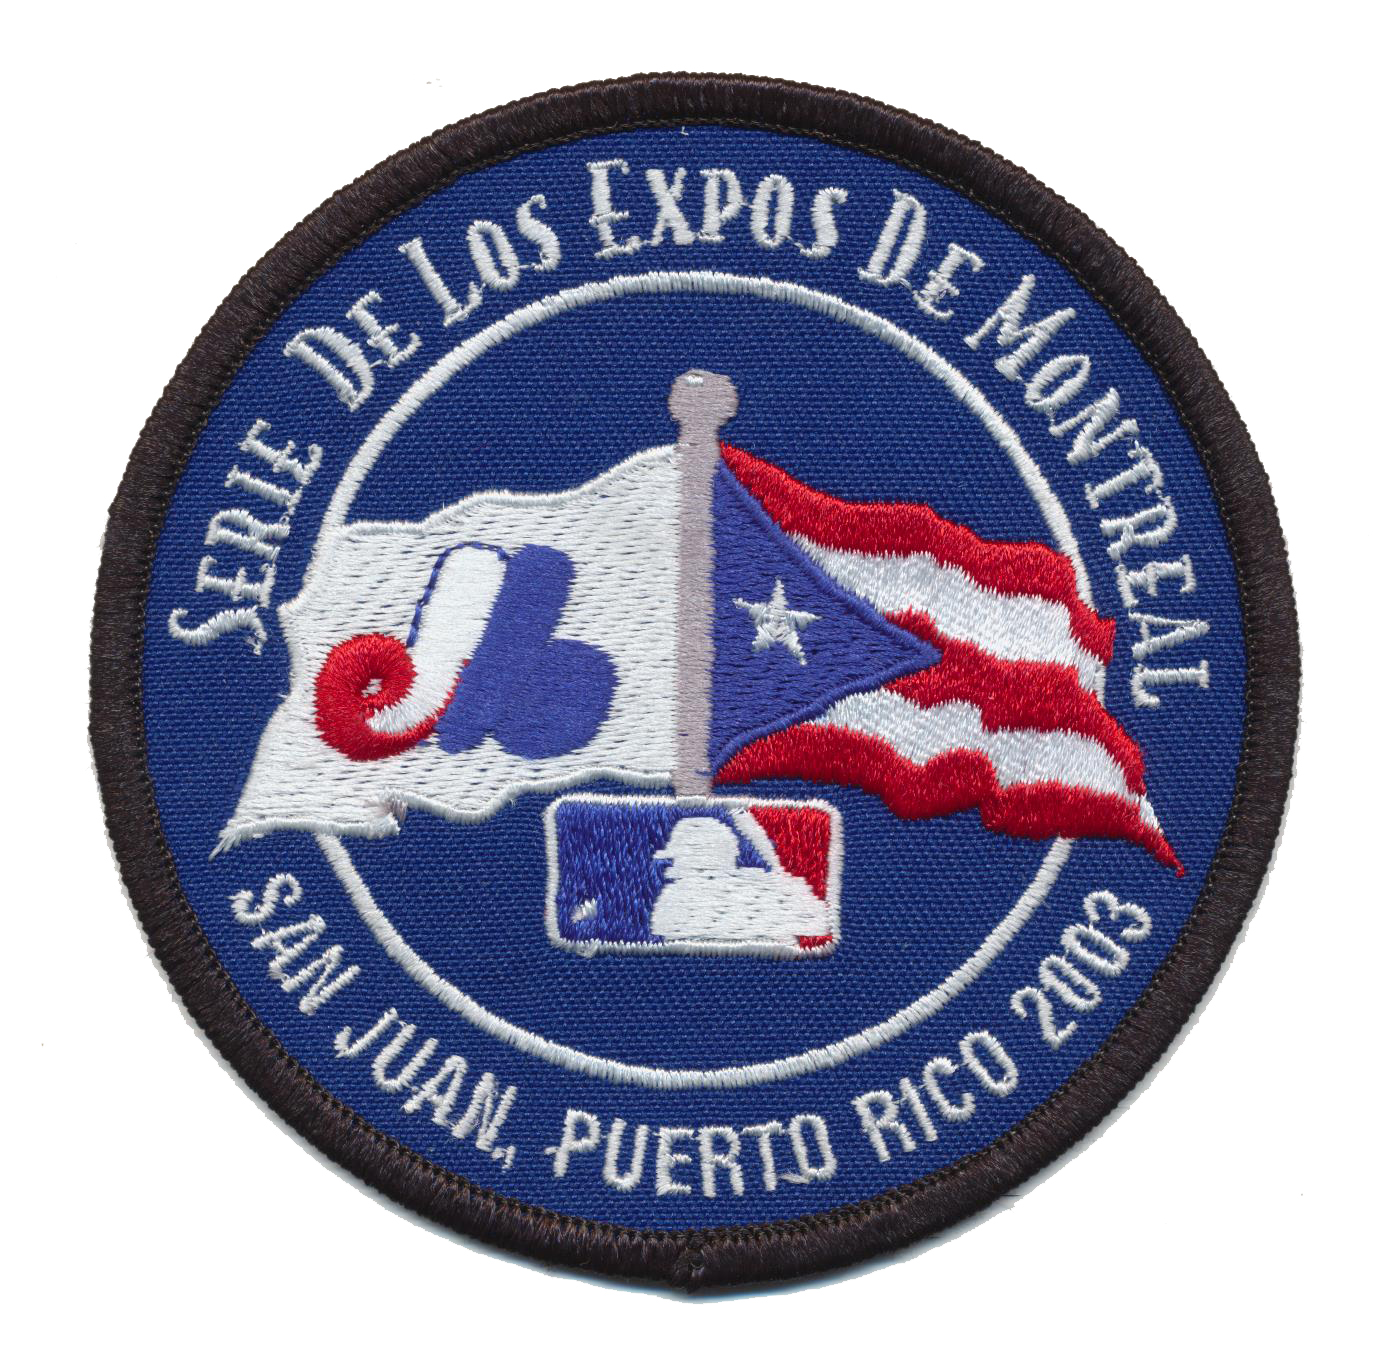 Los Expos in Puerto Rico patch